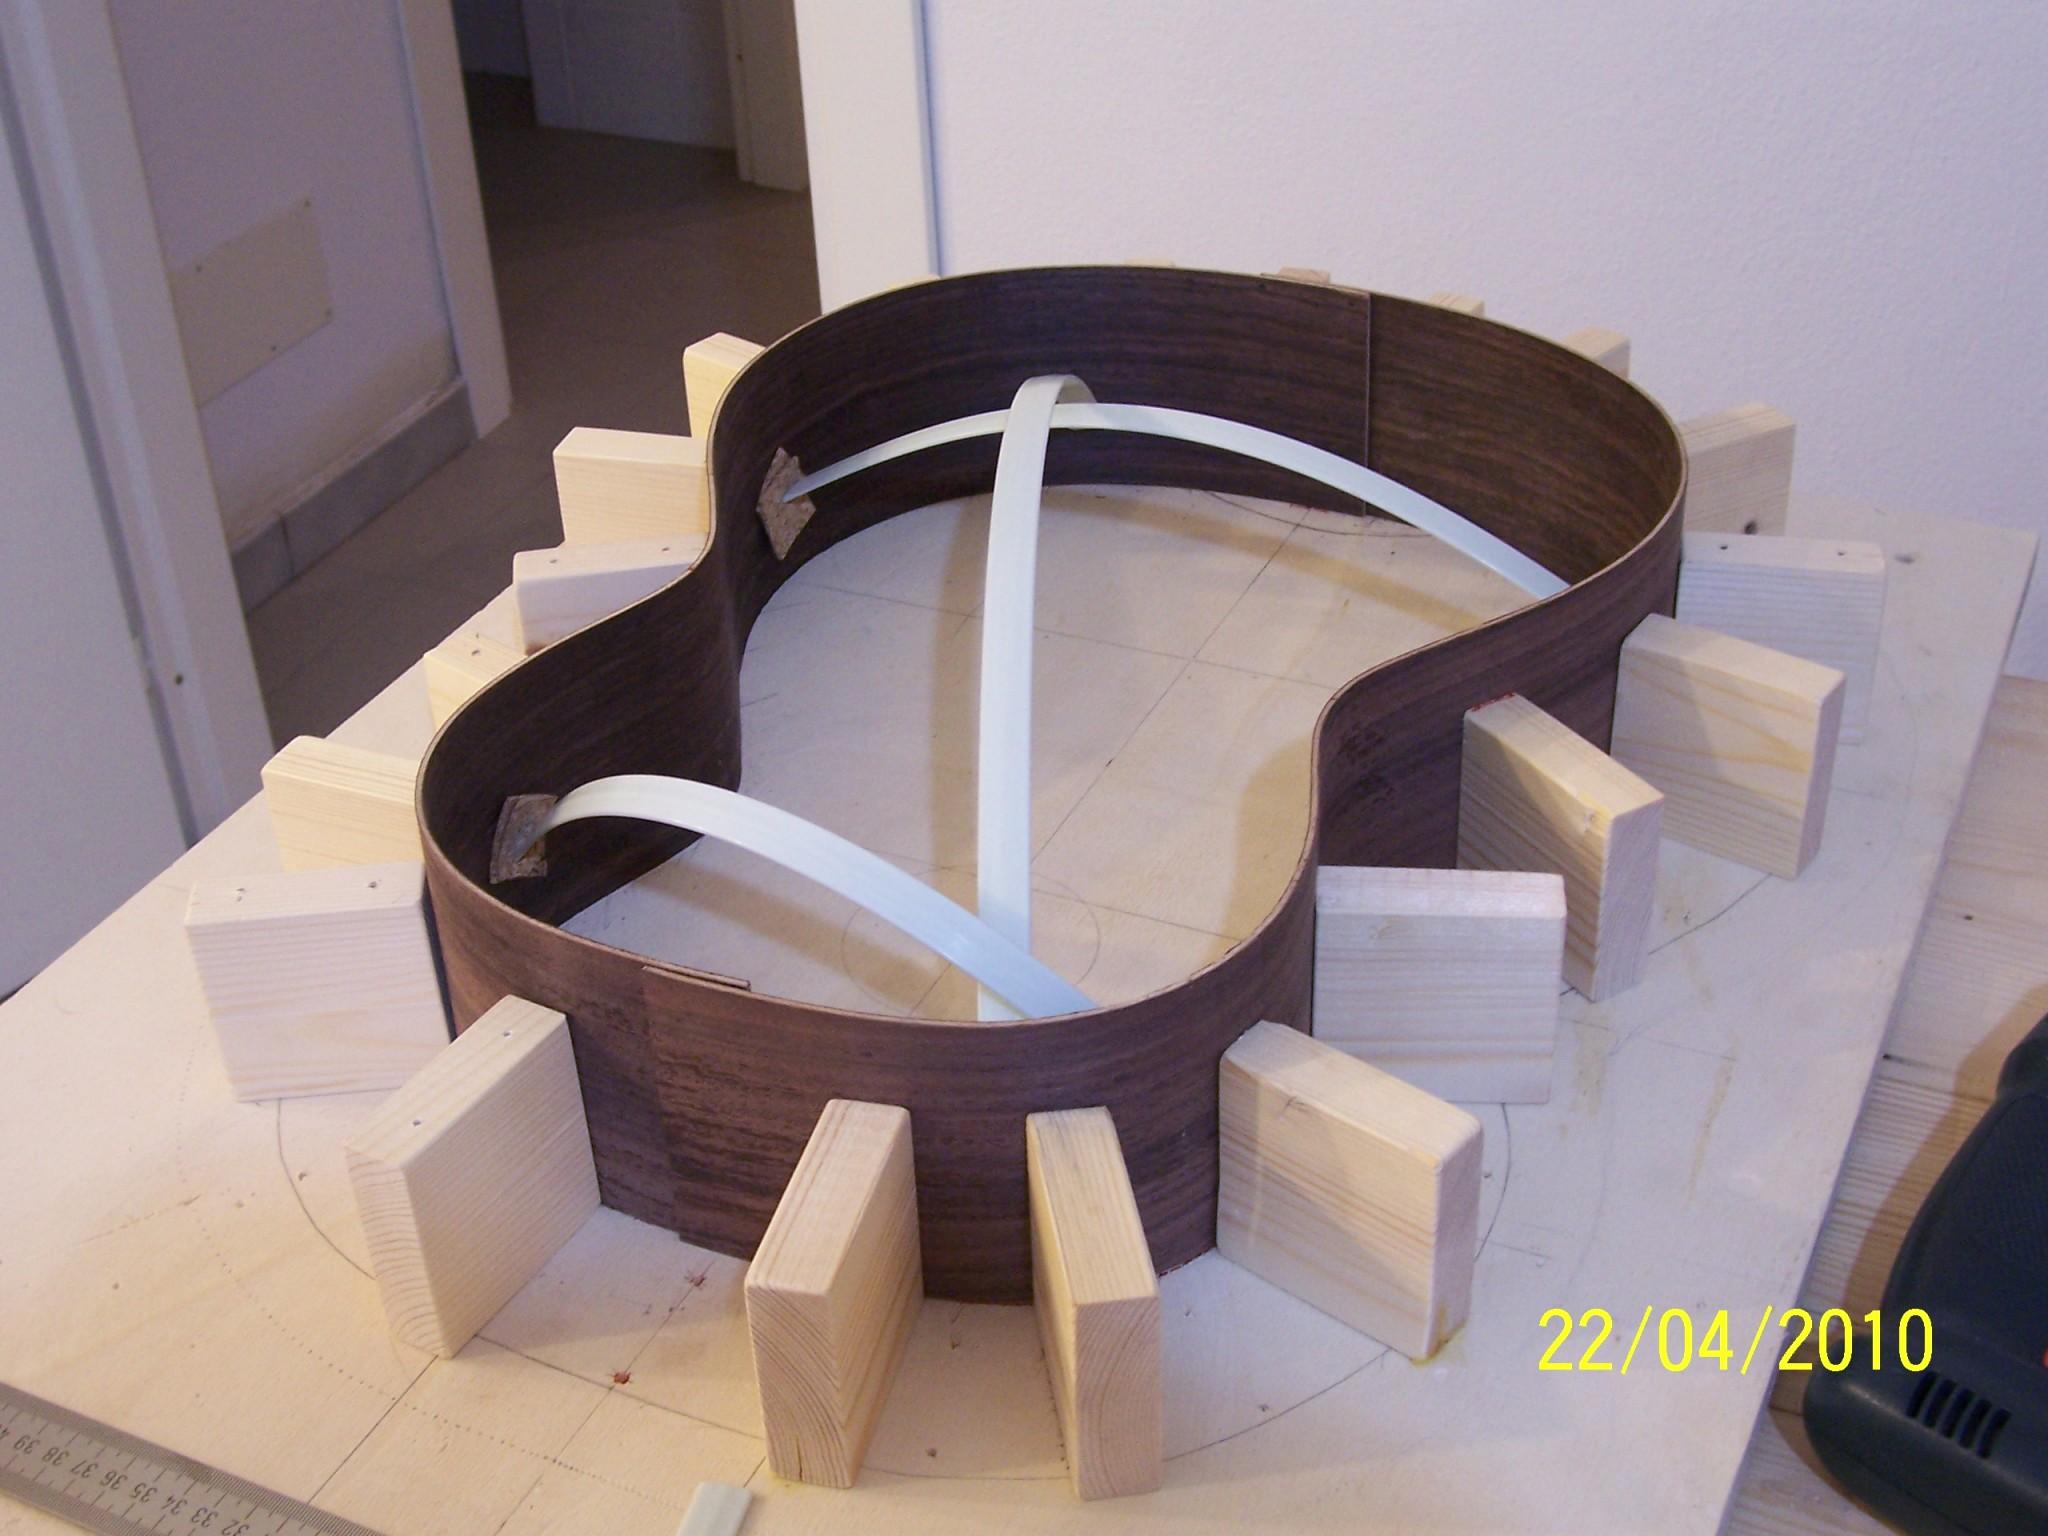 Strumenti Per Lavorare Il Legno : Produzione macchine per la lavorazione del legno attrezzatura